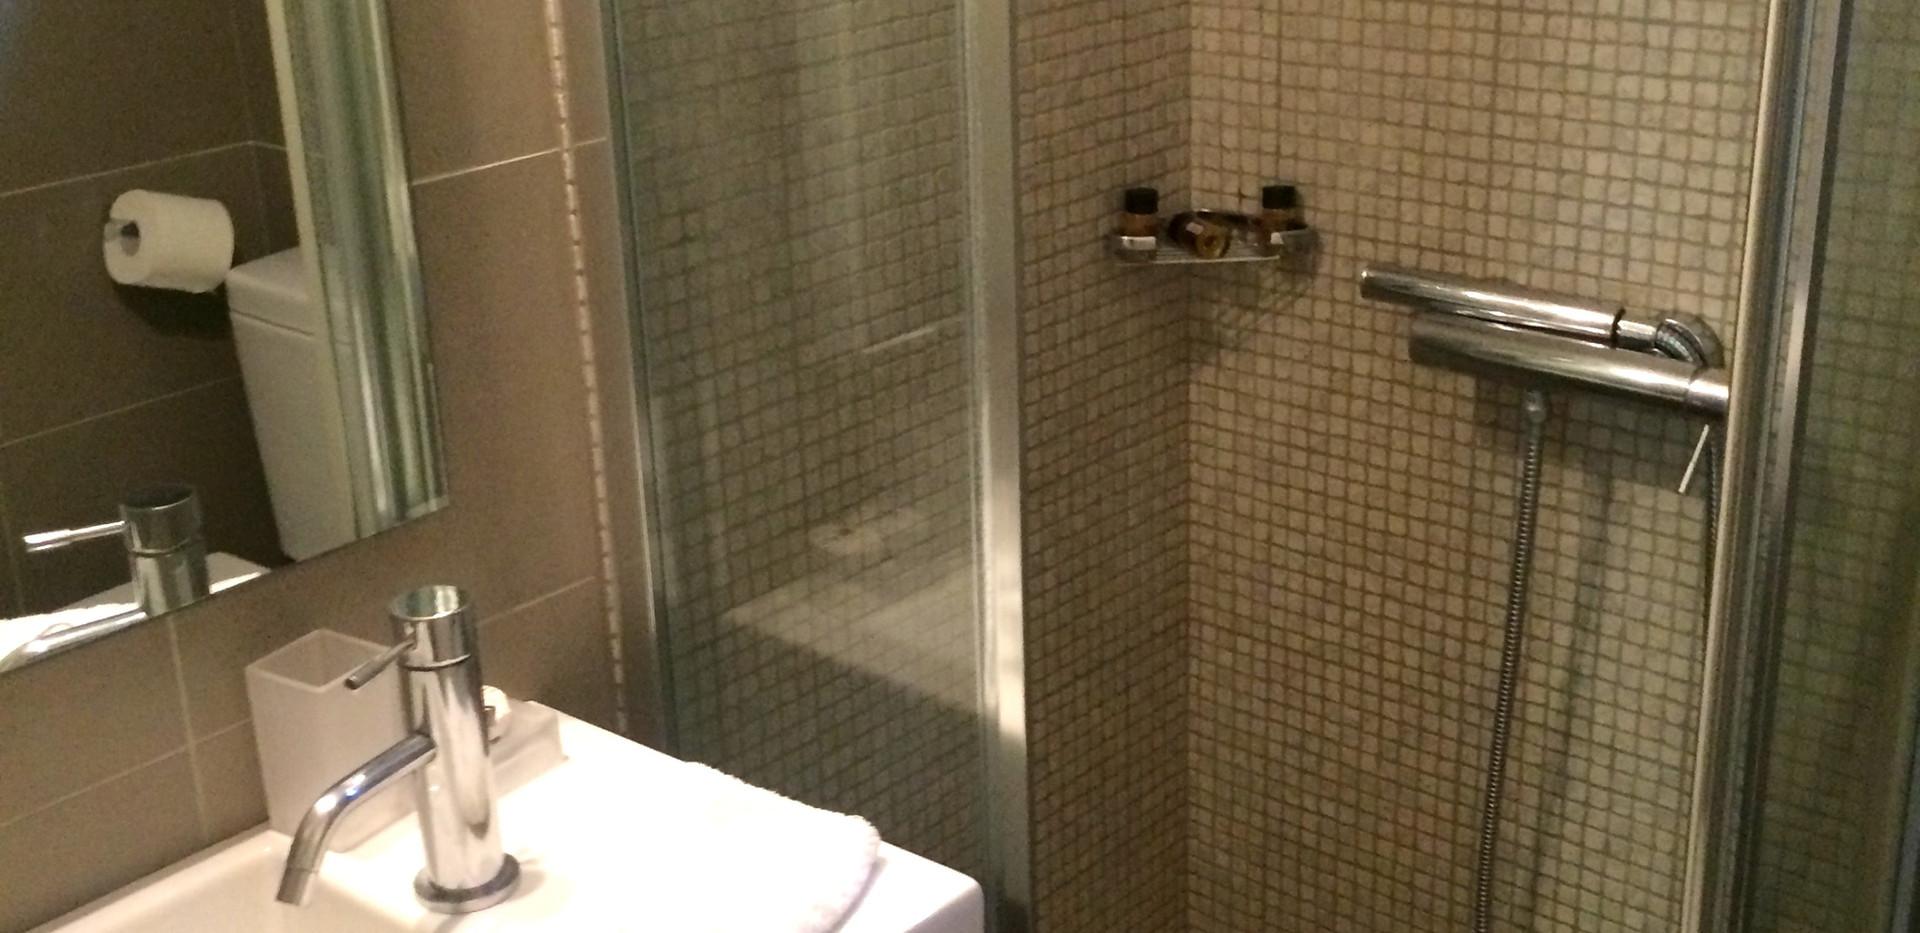 Eriphili bathroom.jpg